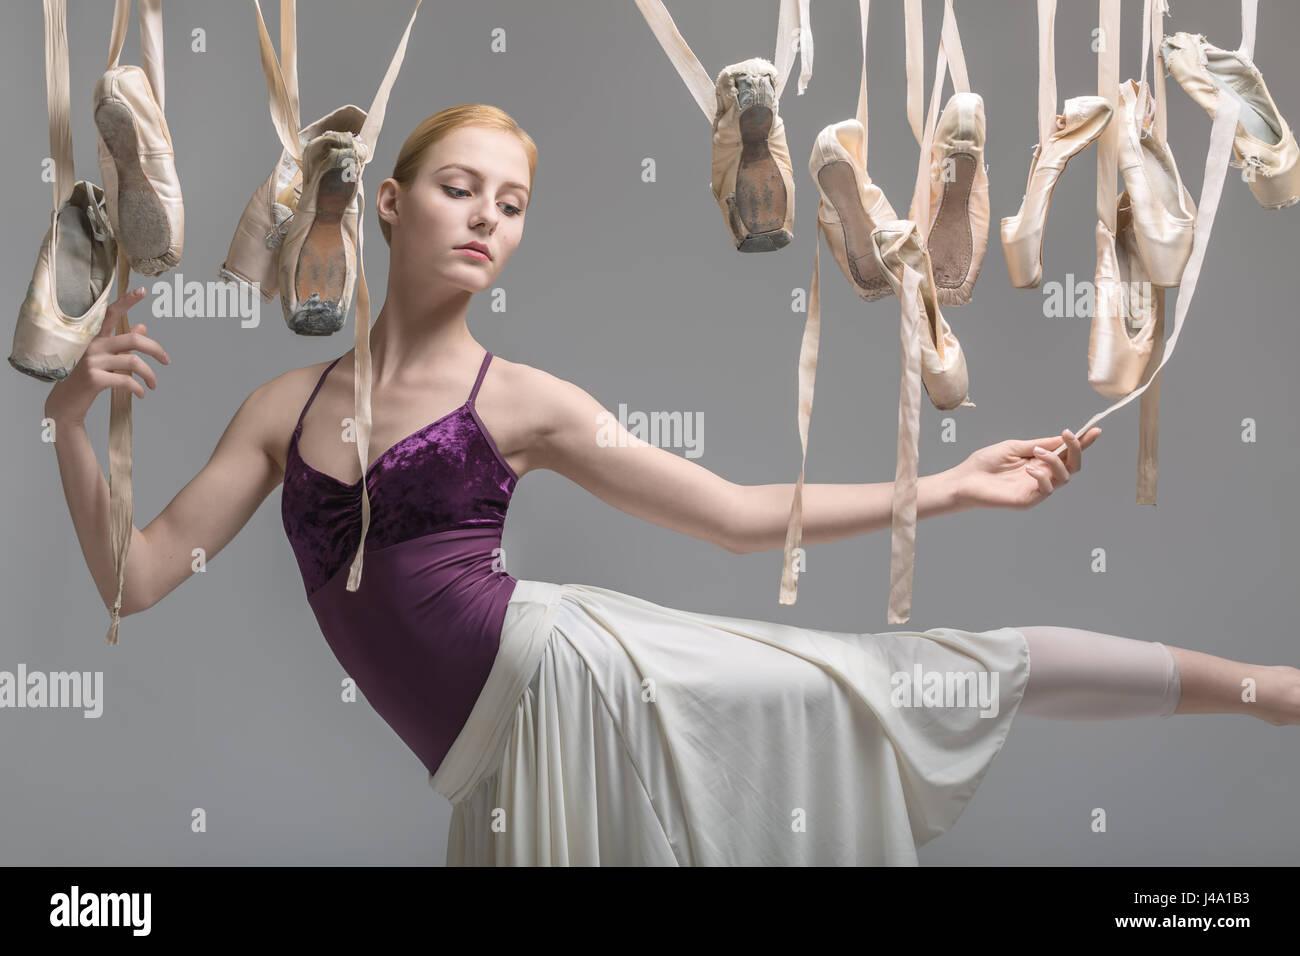 La bionda ballerina e pointe shoes Immagini Stock